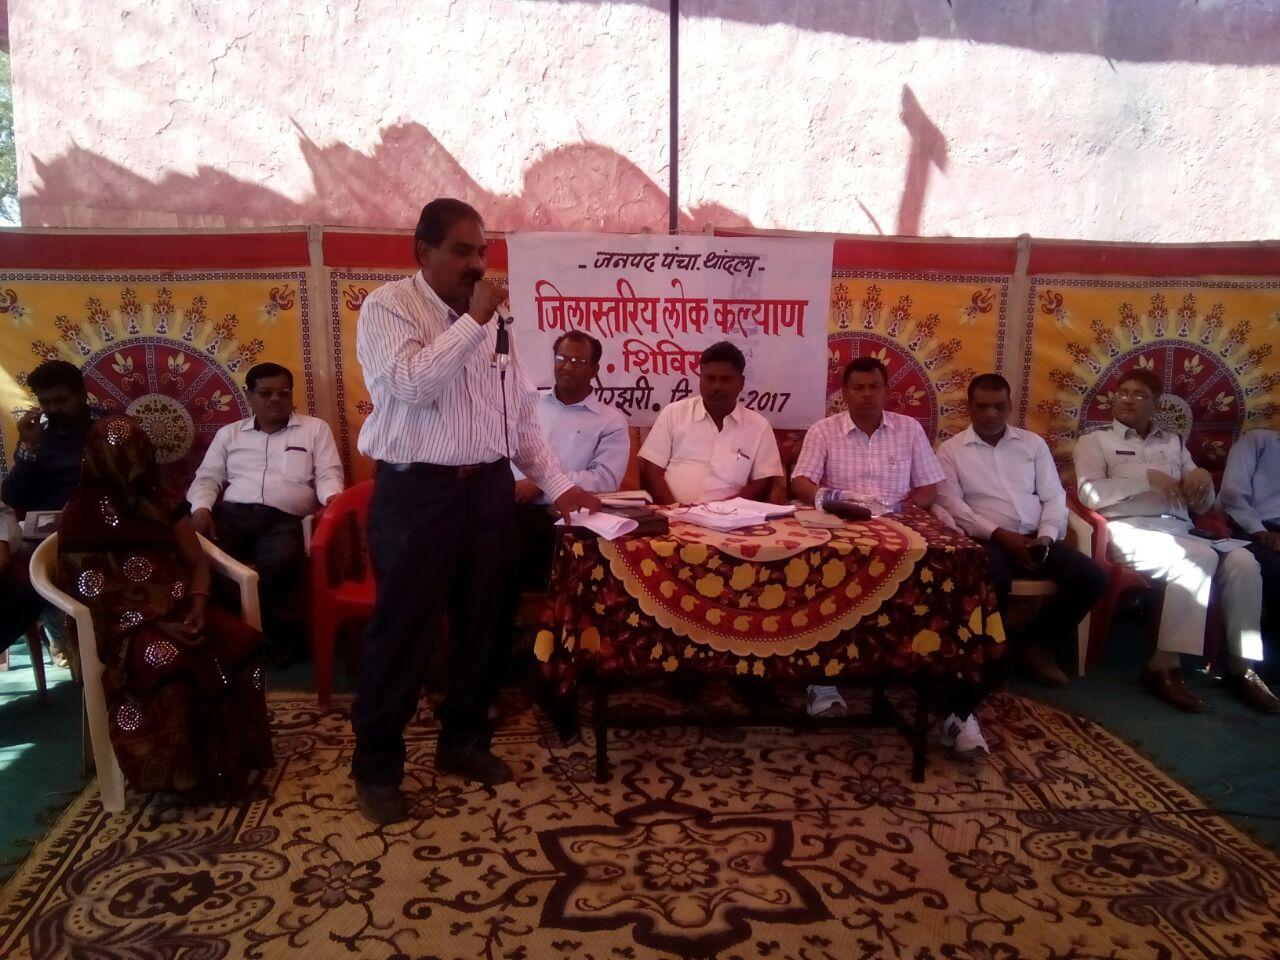 lok-kalyan-shivir-jhabua- लोक कल्याण शिविर में ,ग्रामीणो को शासन की योजनाओं की जानकारी दी गई